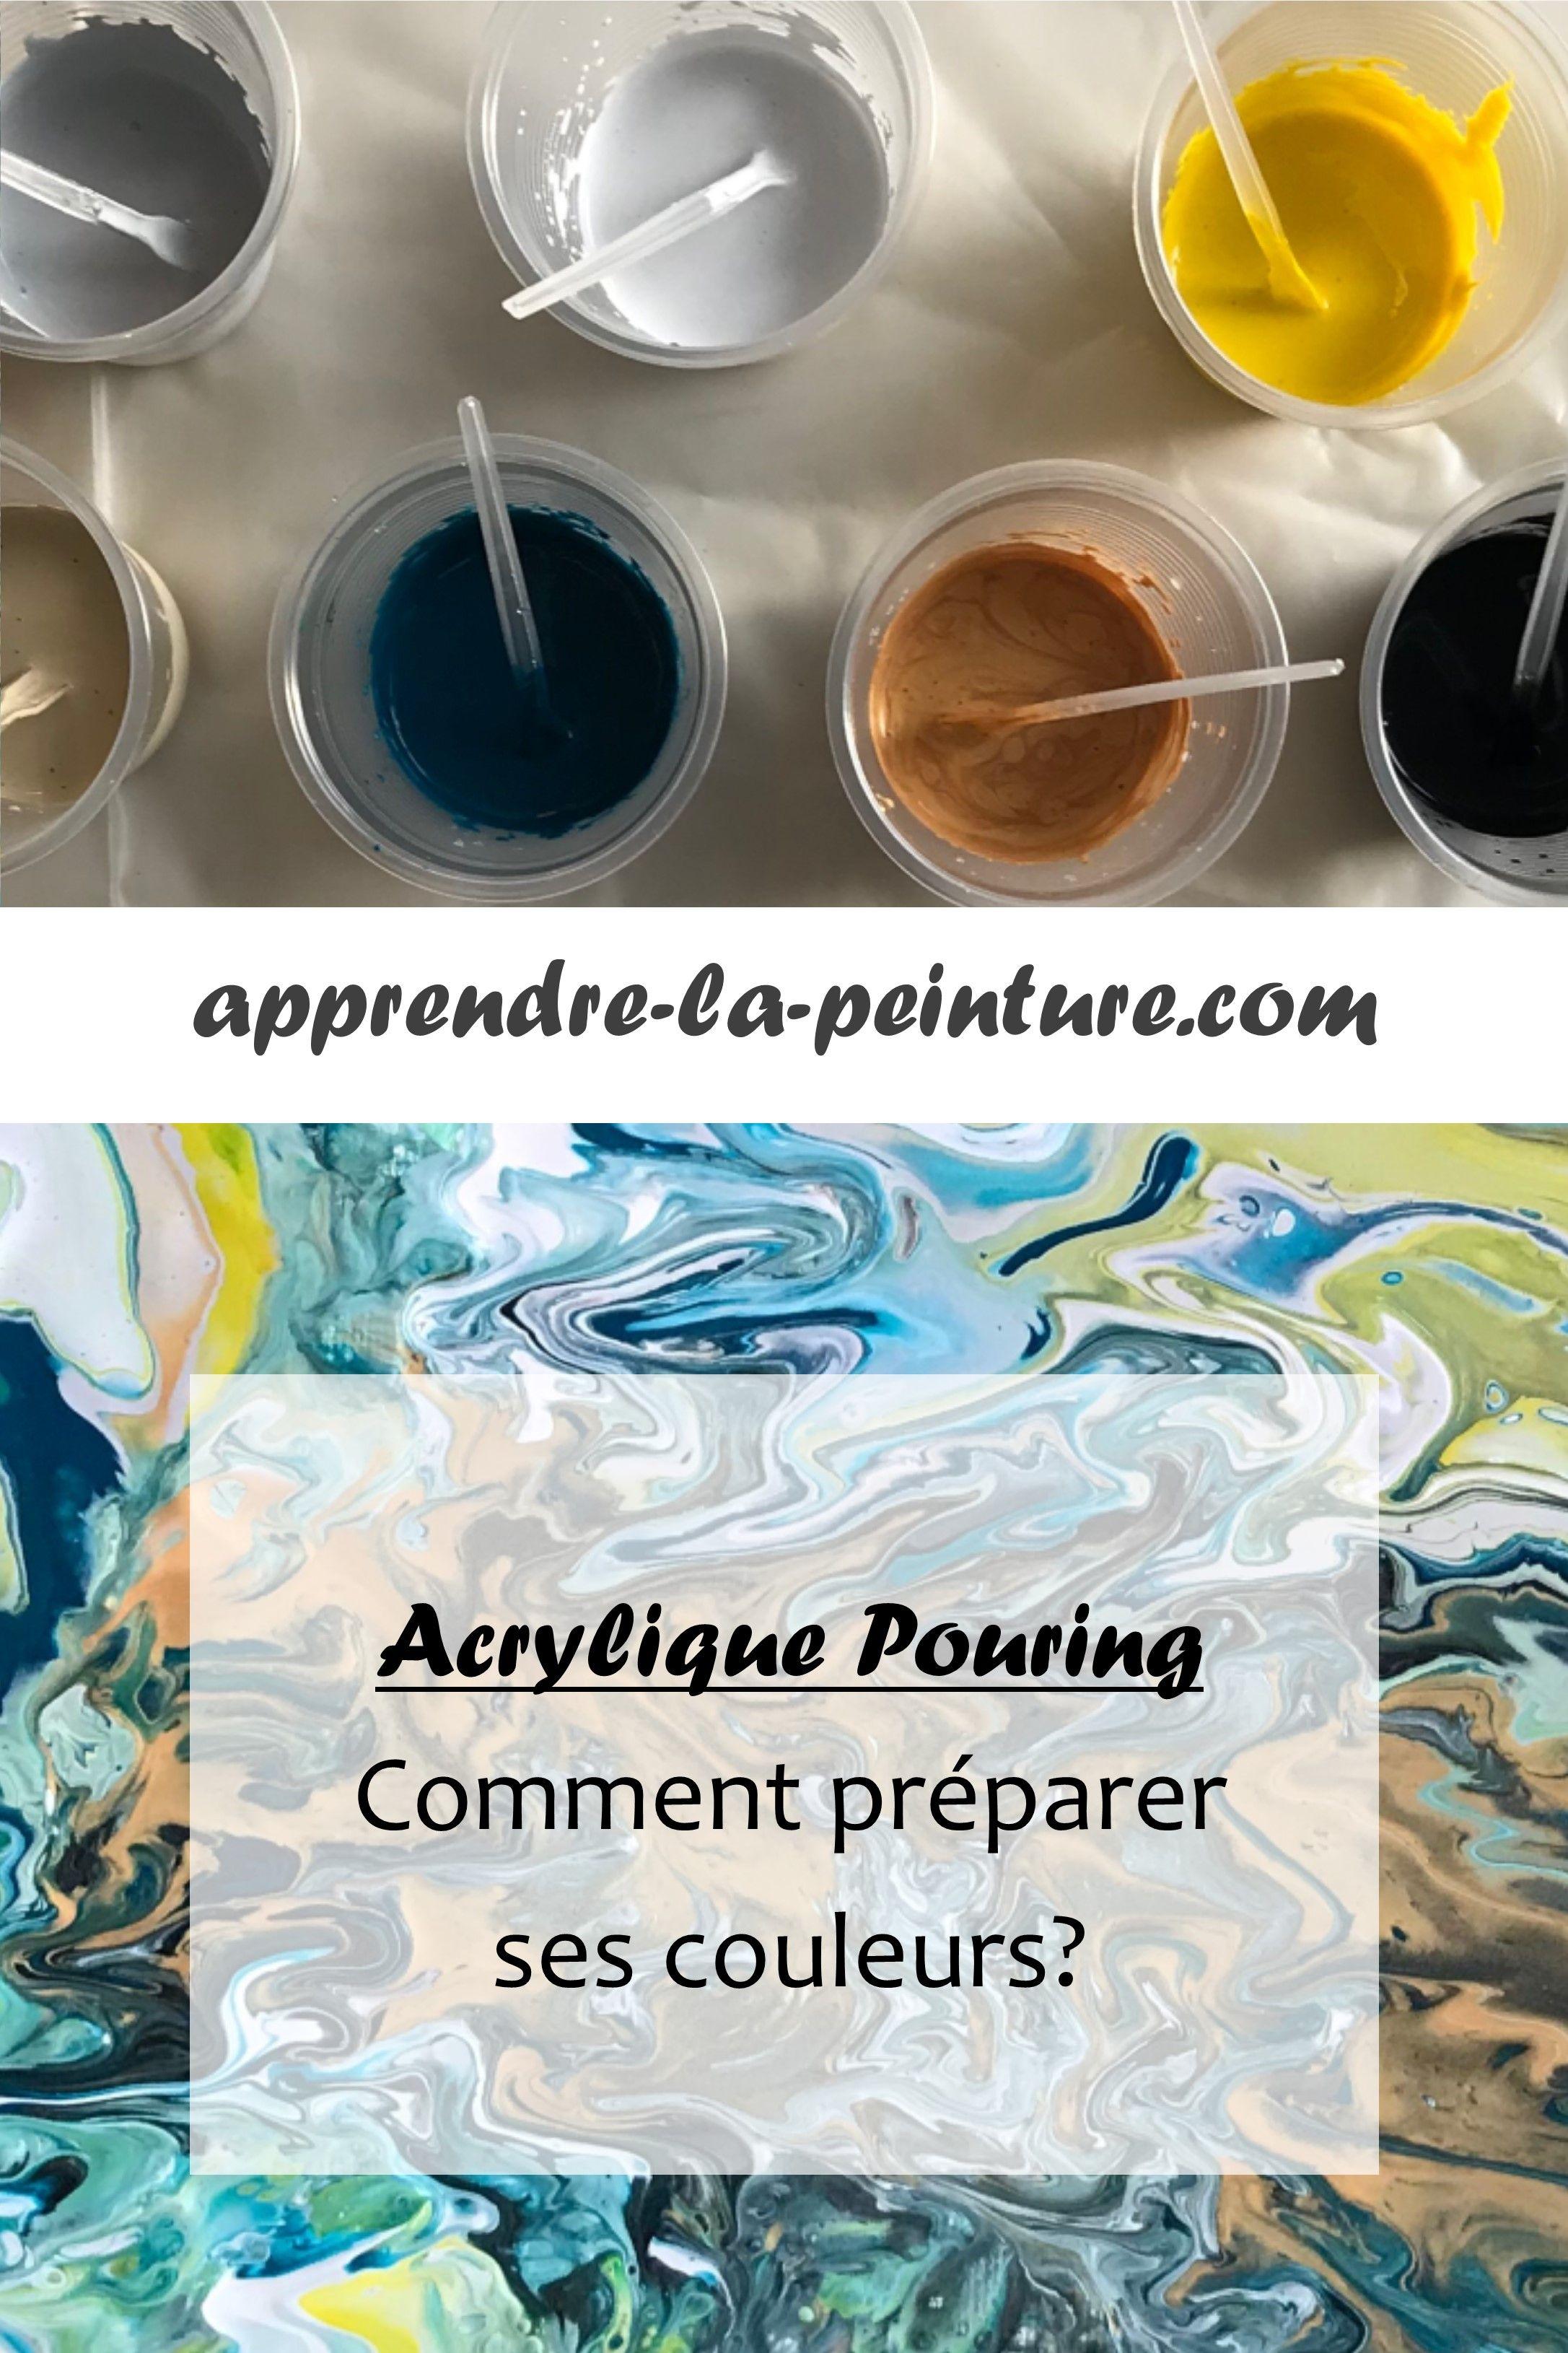 Comment Faire De La Peinture Acrylique Fluide : comment, faire, peinture, acrylique, fluide, Acrylique, Pouring, Comment, Préparer, Couleurs?, Peinture, Pouring,, Peinture,, Mélanger, Couleurs